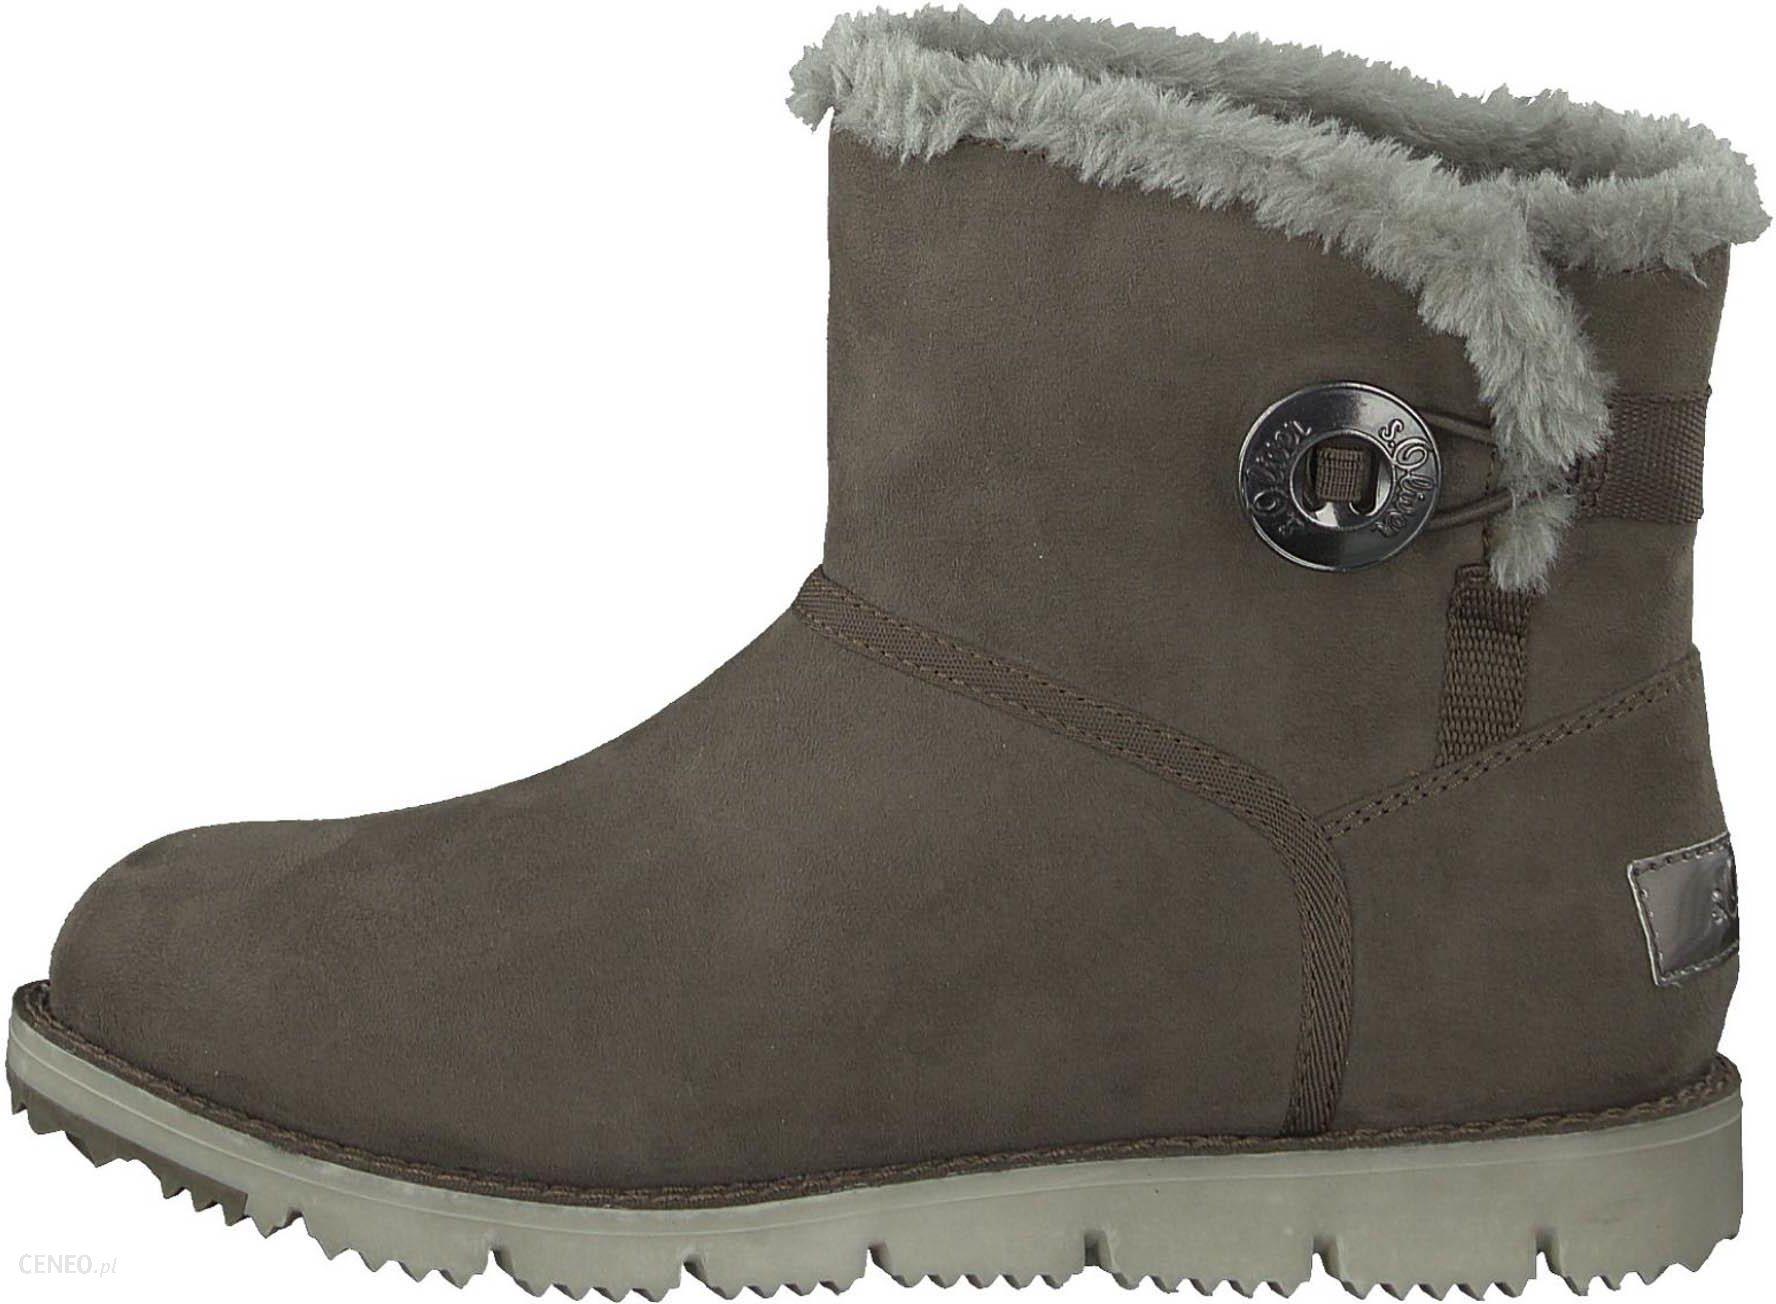 d15b3340 S.Oliver buty zimowe damskie 36 brązowy - Ceny i opinie - Ceneo.pl